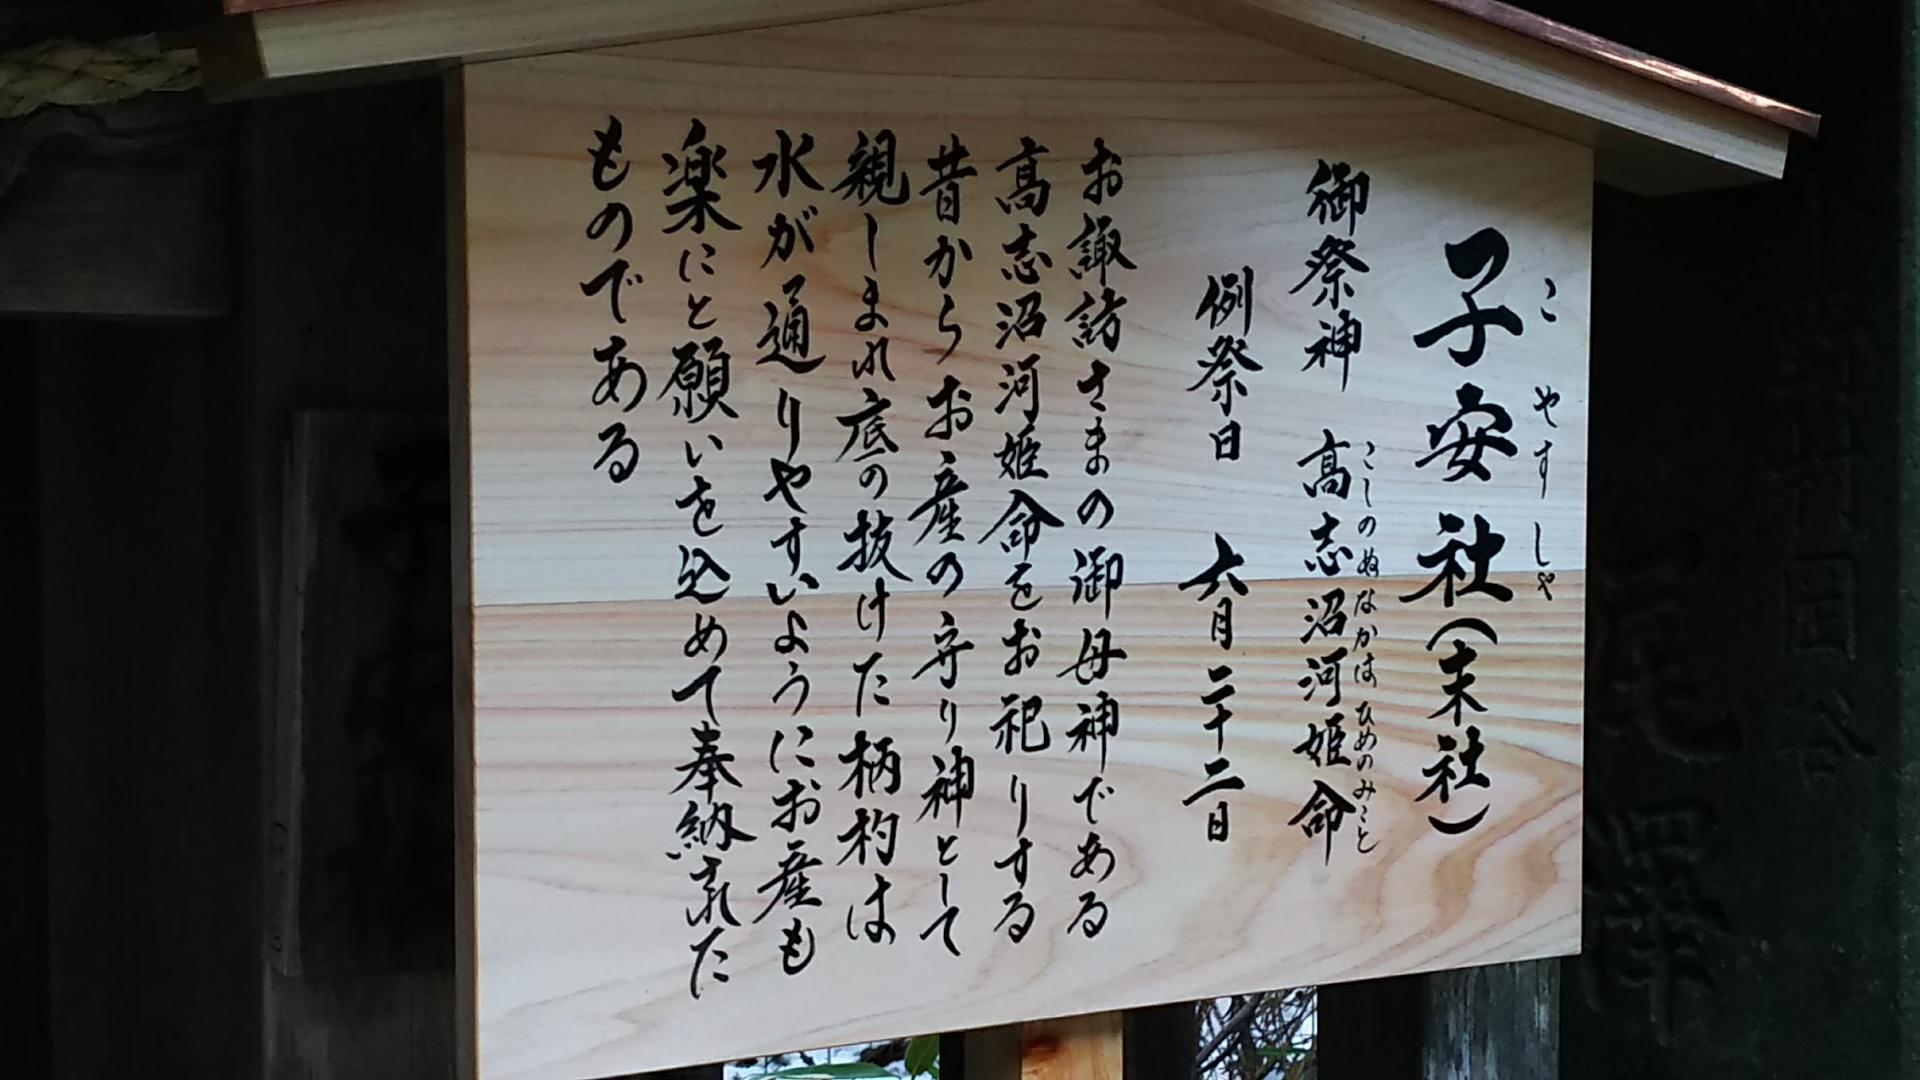 諏訪大社 下社 春宮 子安社